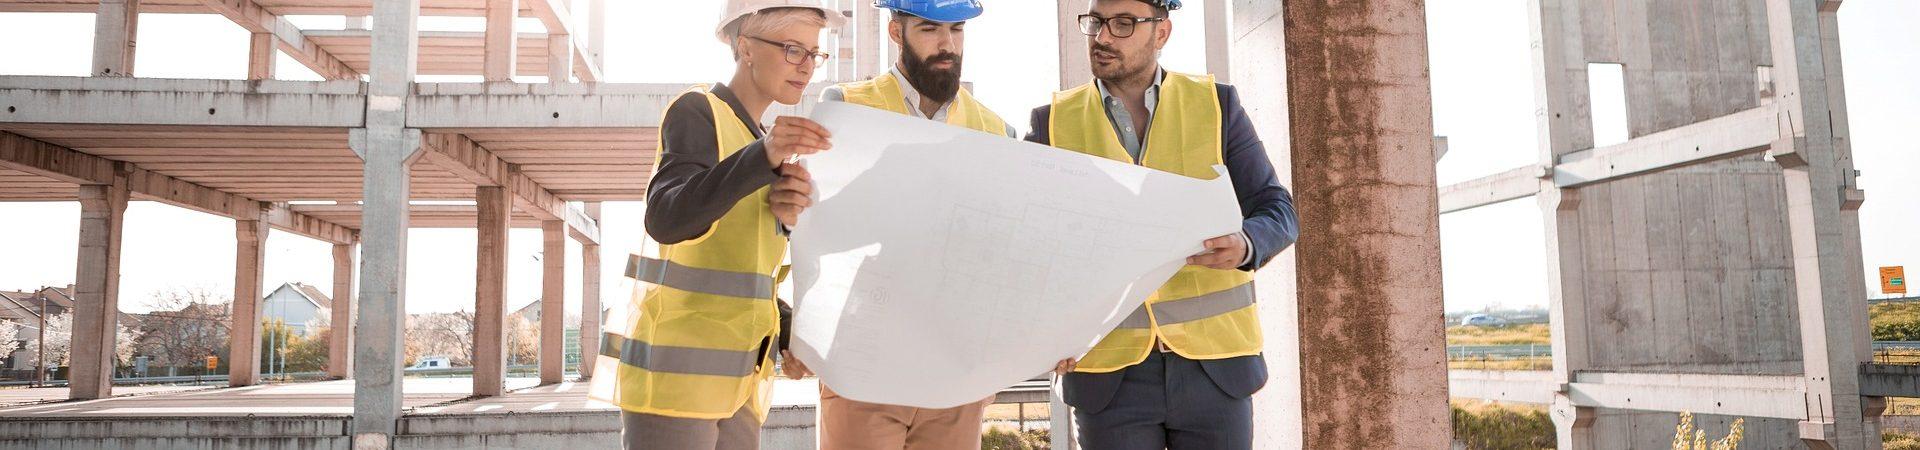 Drei Menschen mit Schutzhelm betrachten sich einen Bauplan auf einer Baustelle.